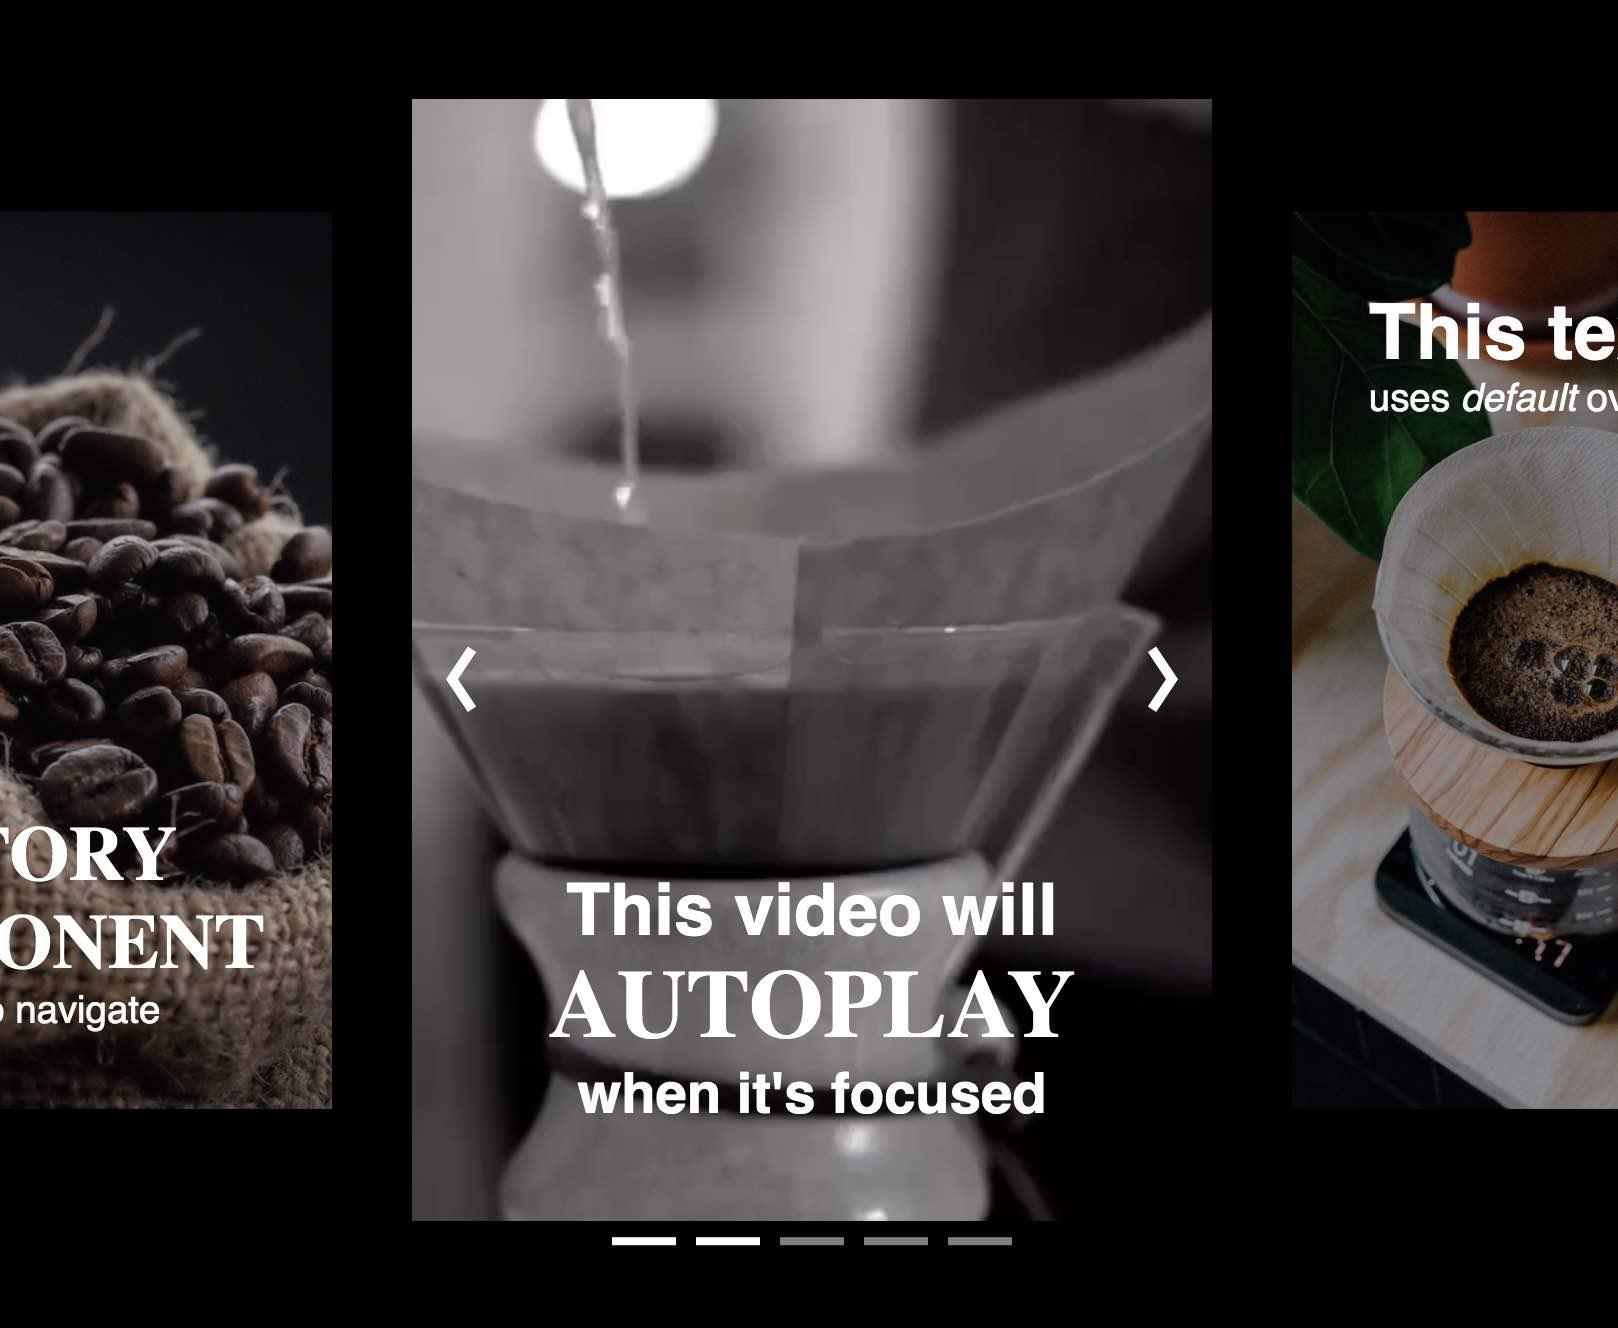 세 장의 커피 이미지를 보여주는 완성된 story-viewer 구성요소